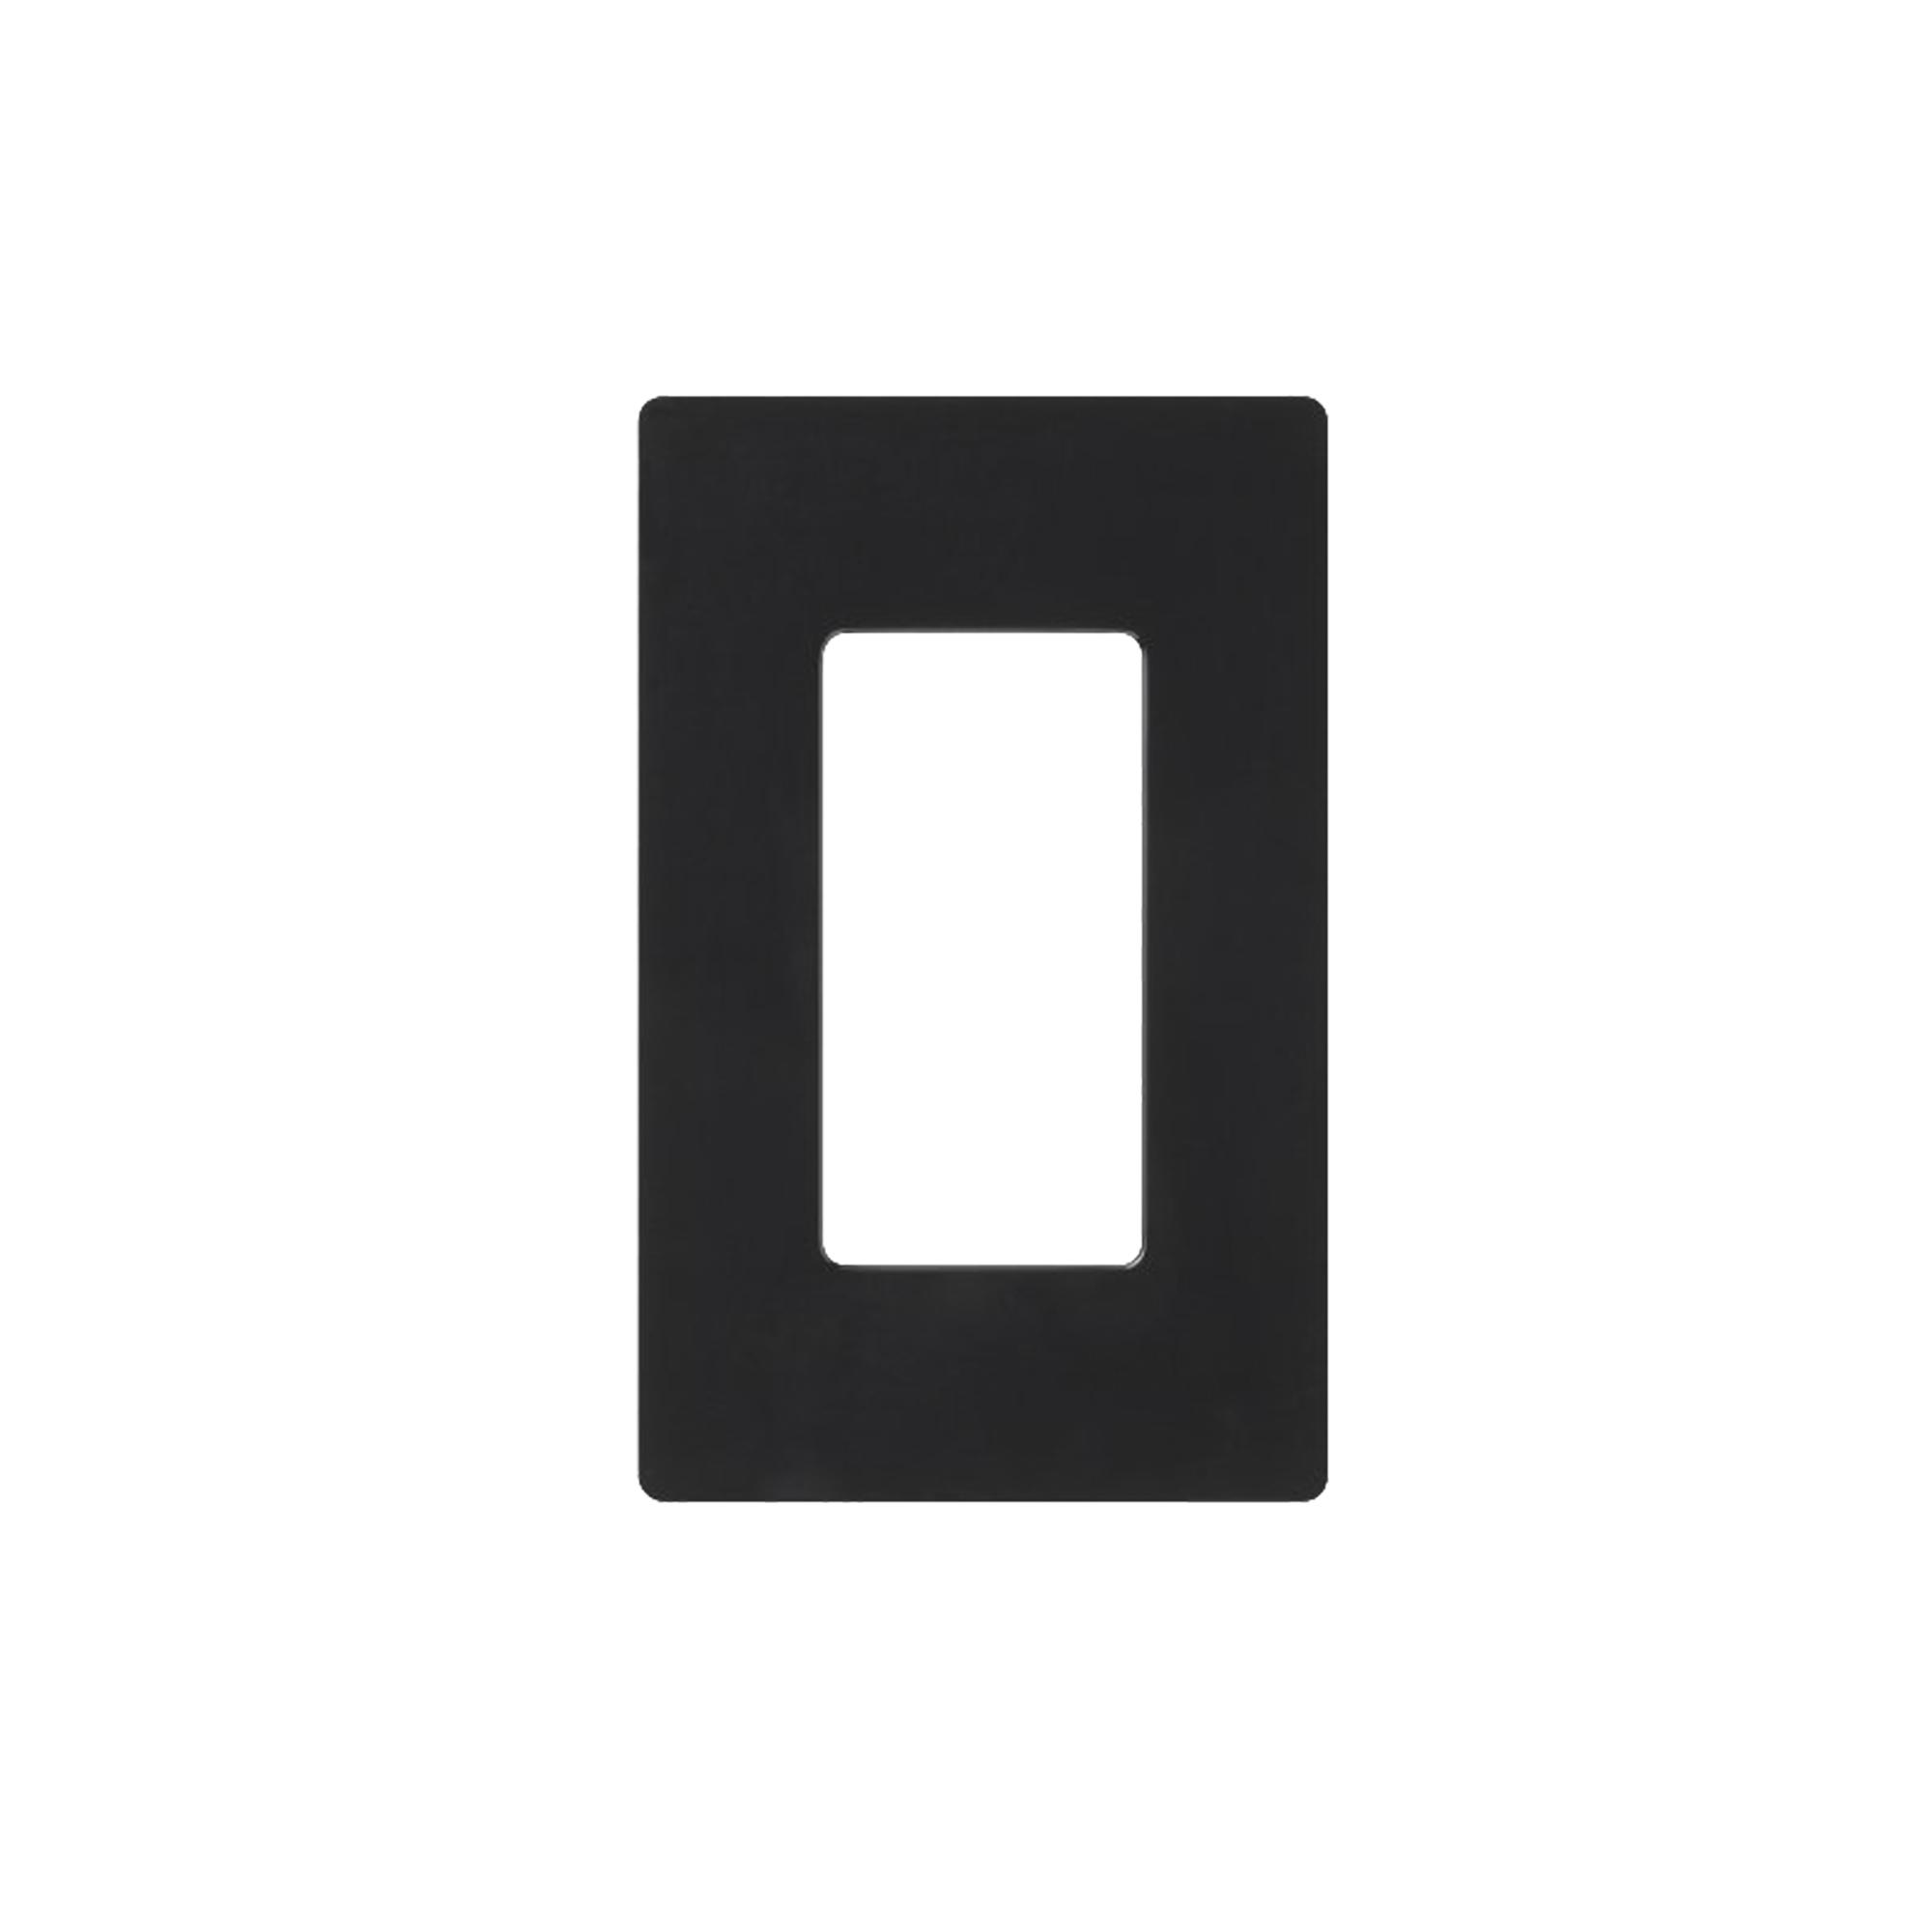 Placa de pared 1 espacio, para atenuador (dimmer), switch o control remoto PICO inalambrico.